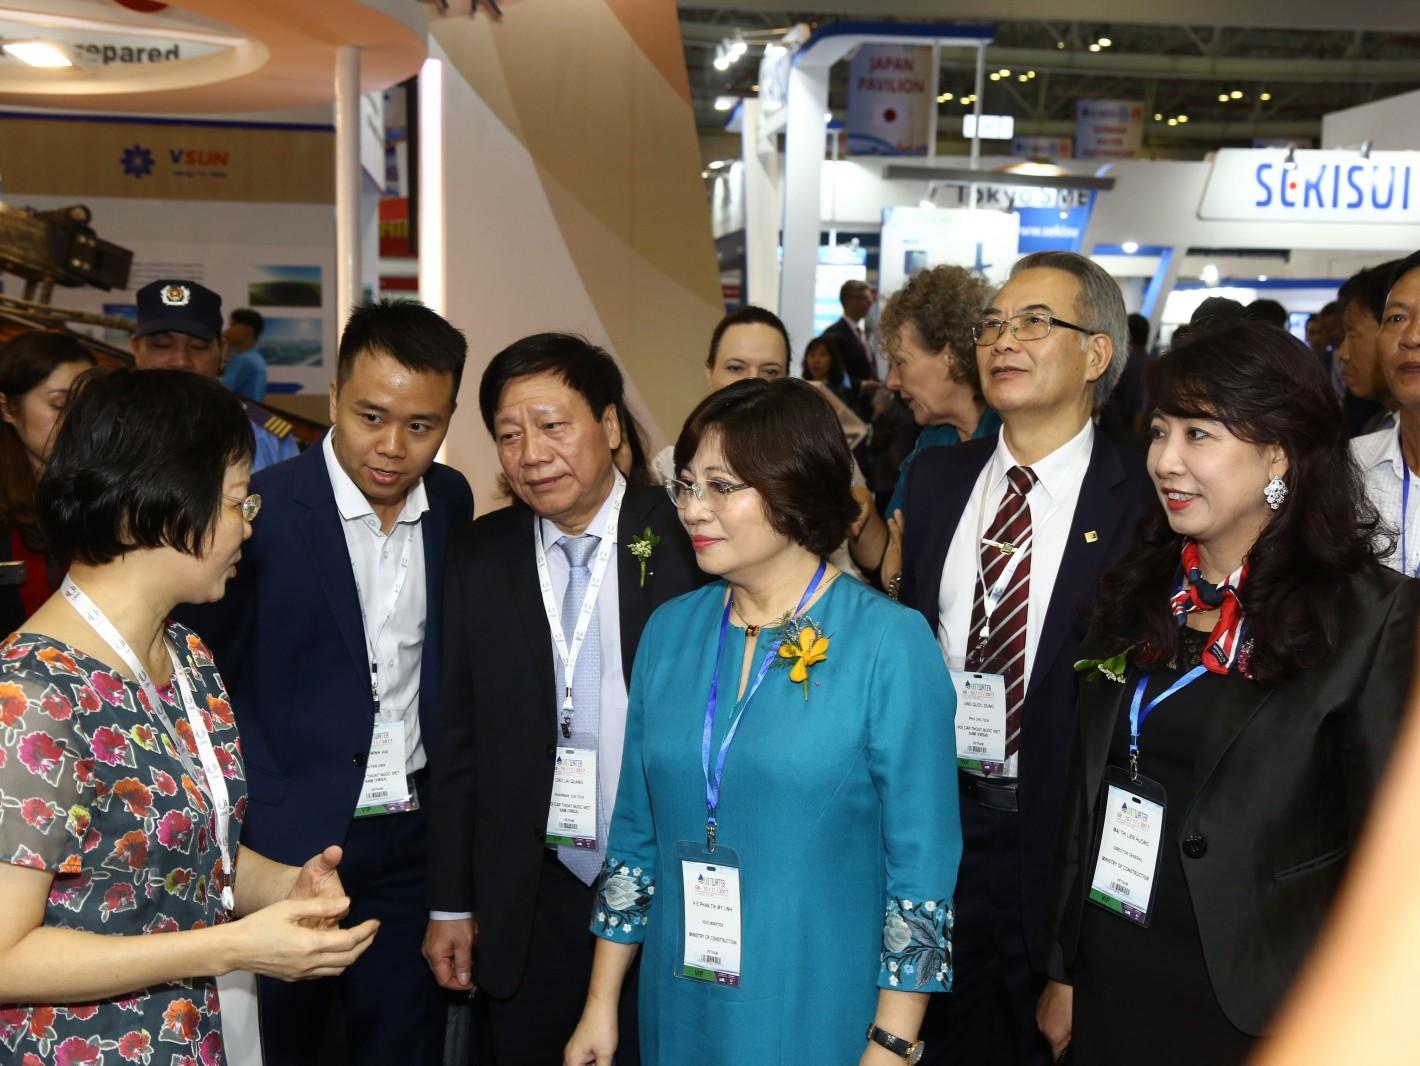 越南建設部次長Phan Thi My Linh(中)蒞臨參觀台灣精品館